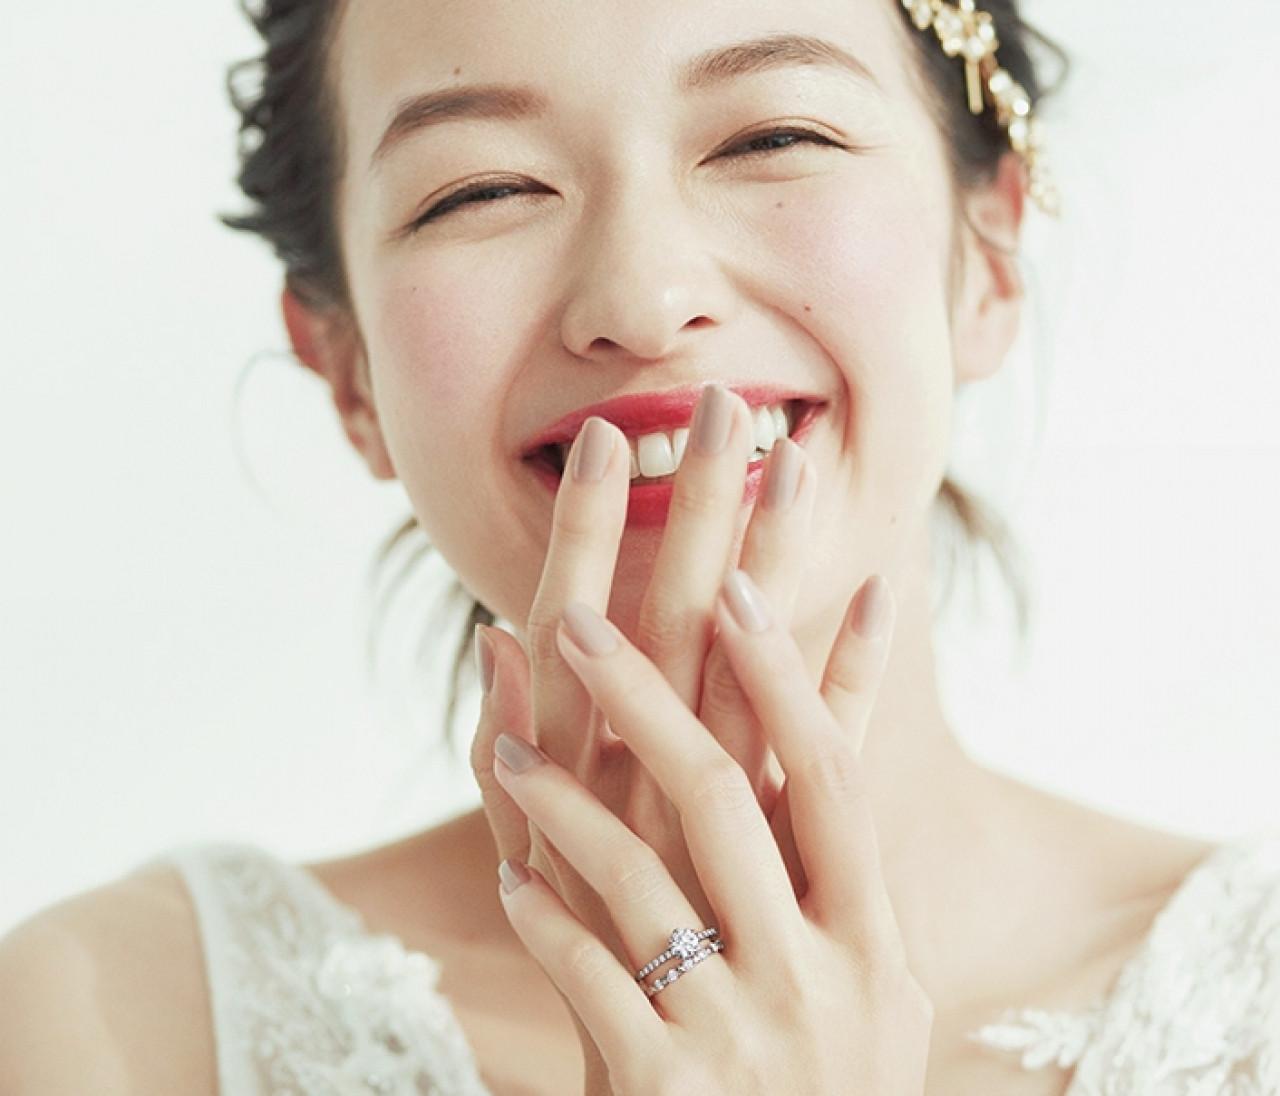 【結婚指輪&婚約指輪まとめ】ジュエリーブランド38選!一生愛せるリングが必ず見つかる